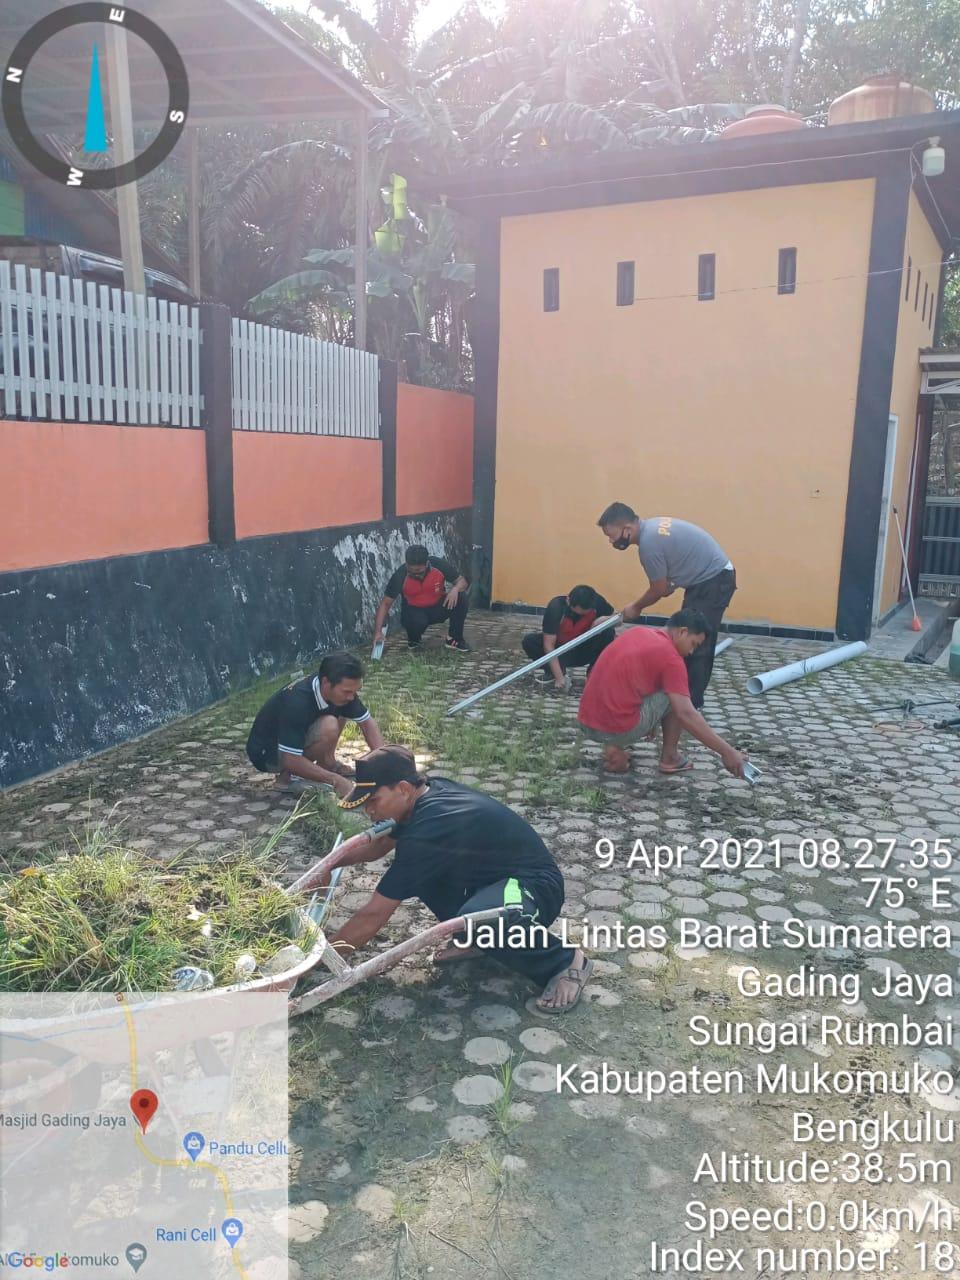 Bangun Kebersamaan, Polsek Sungai Rumbai Gotong Royong Bersama Warga